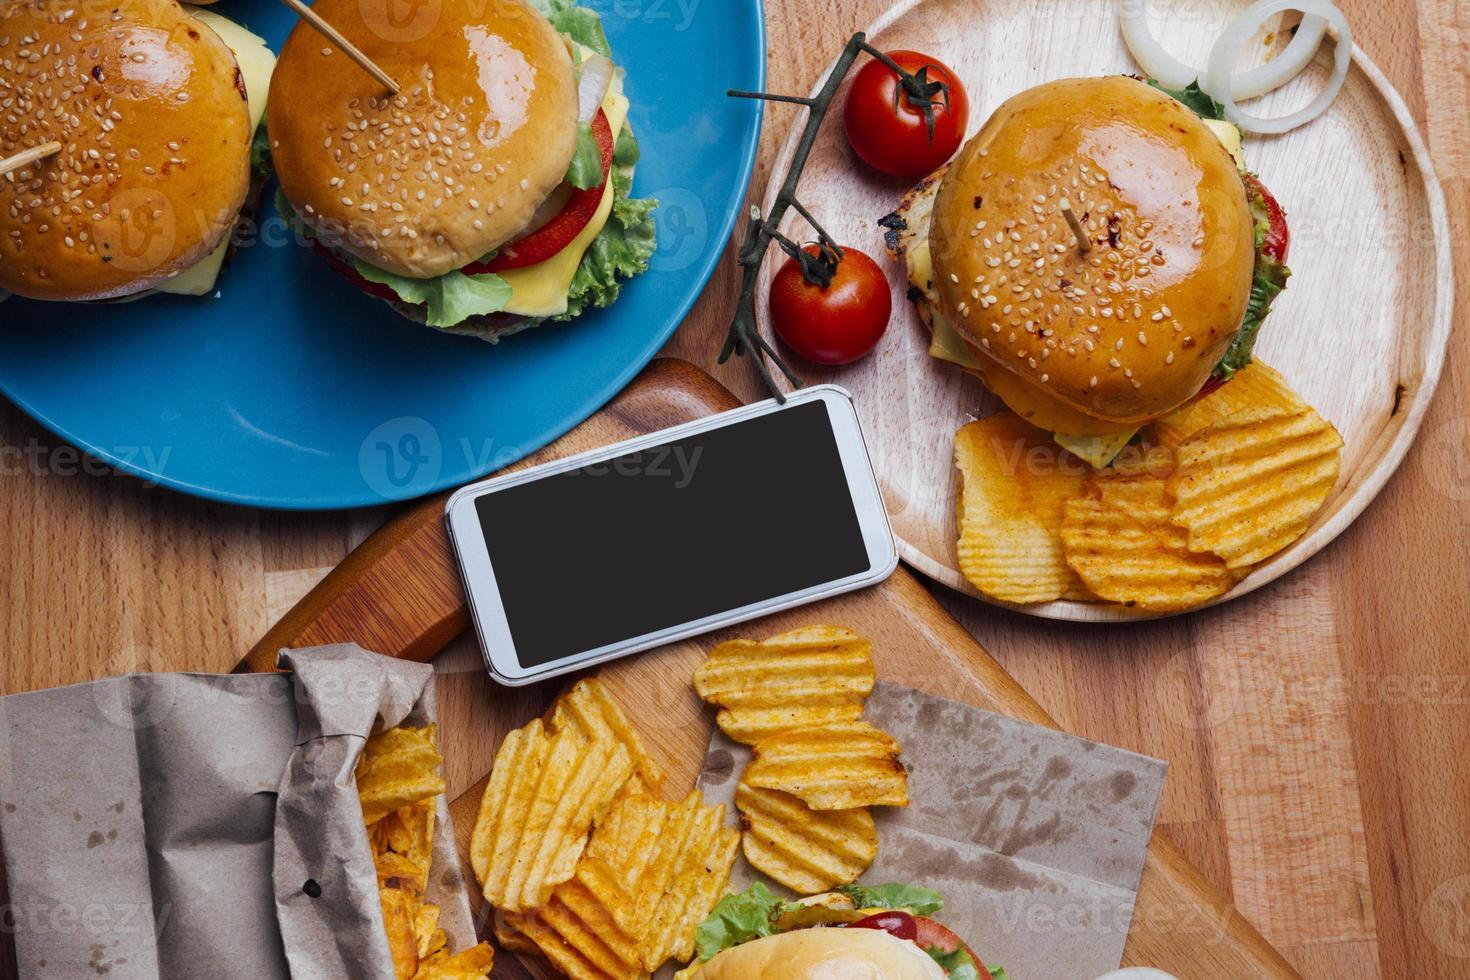 hambúrgueres com telefone moblie foto